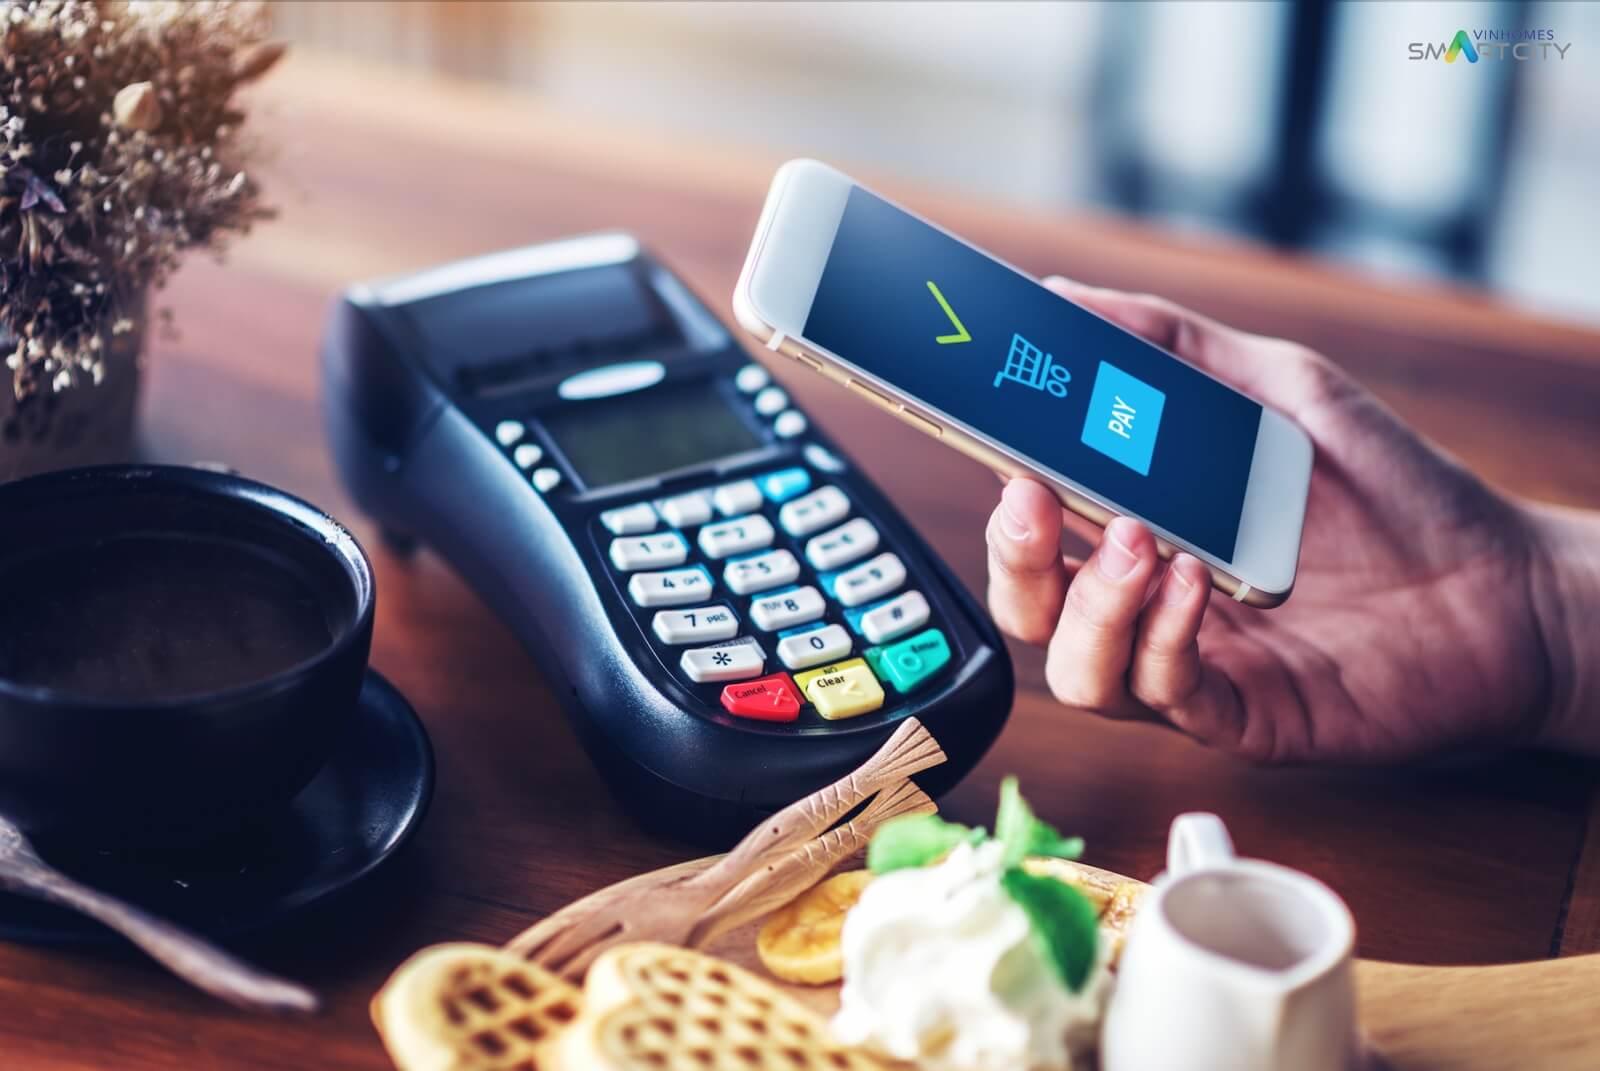 Hỗ trợ thanh toán dễ dàng khi sống tại Vinhomes Smart City